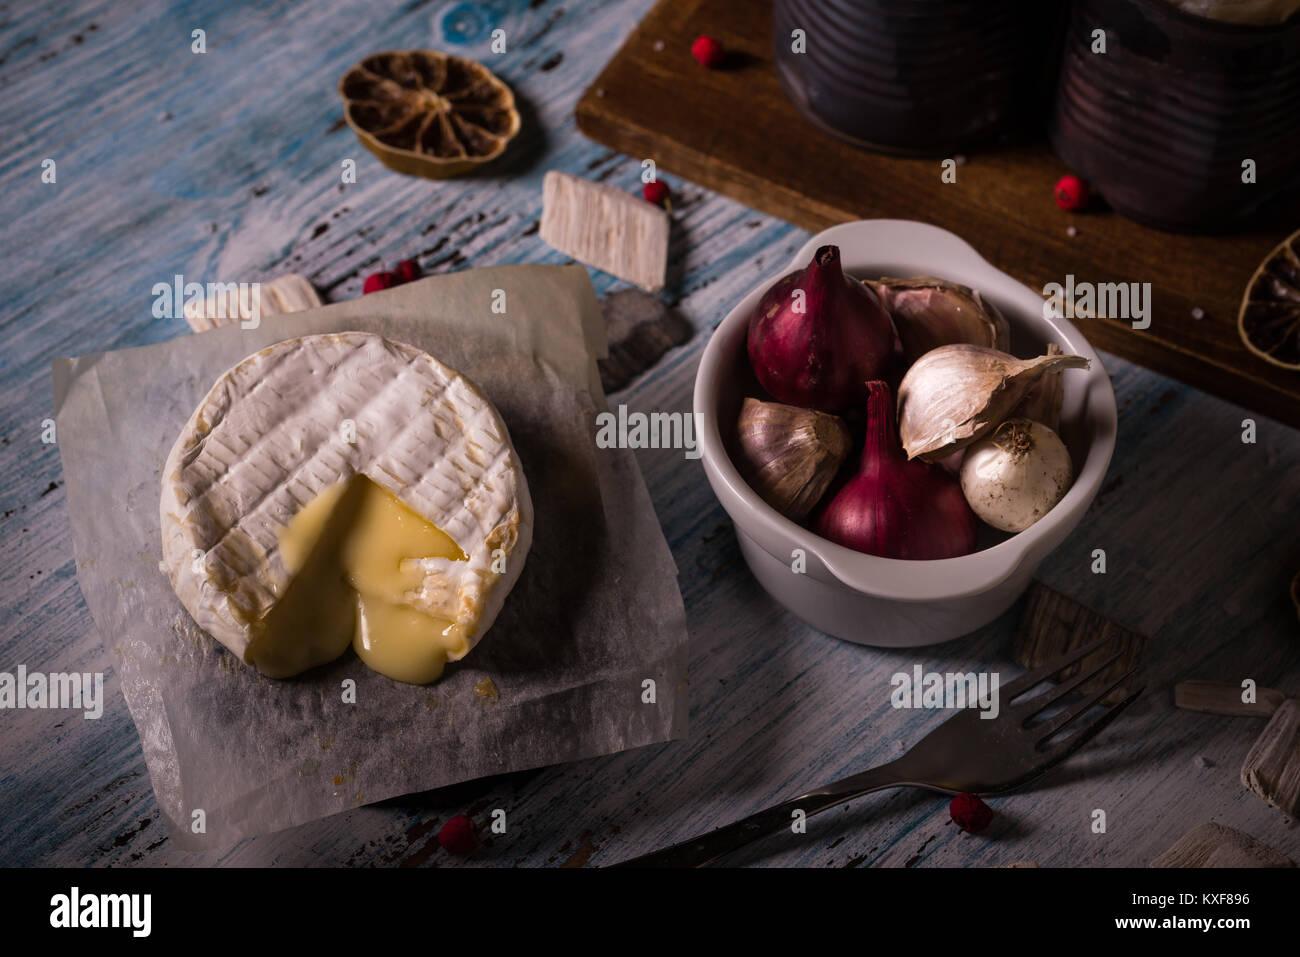 La foto in orizzontale del fuso a caldo di formaggio camembert sul foglio di carta con ciotola piena di aglio e Immagini Stock